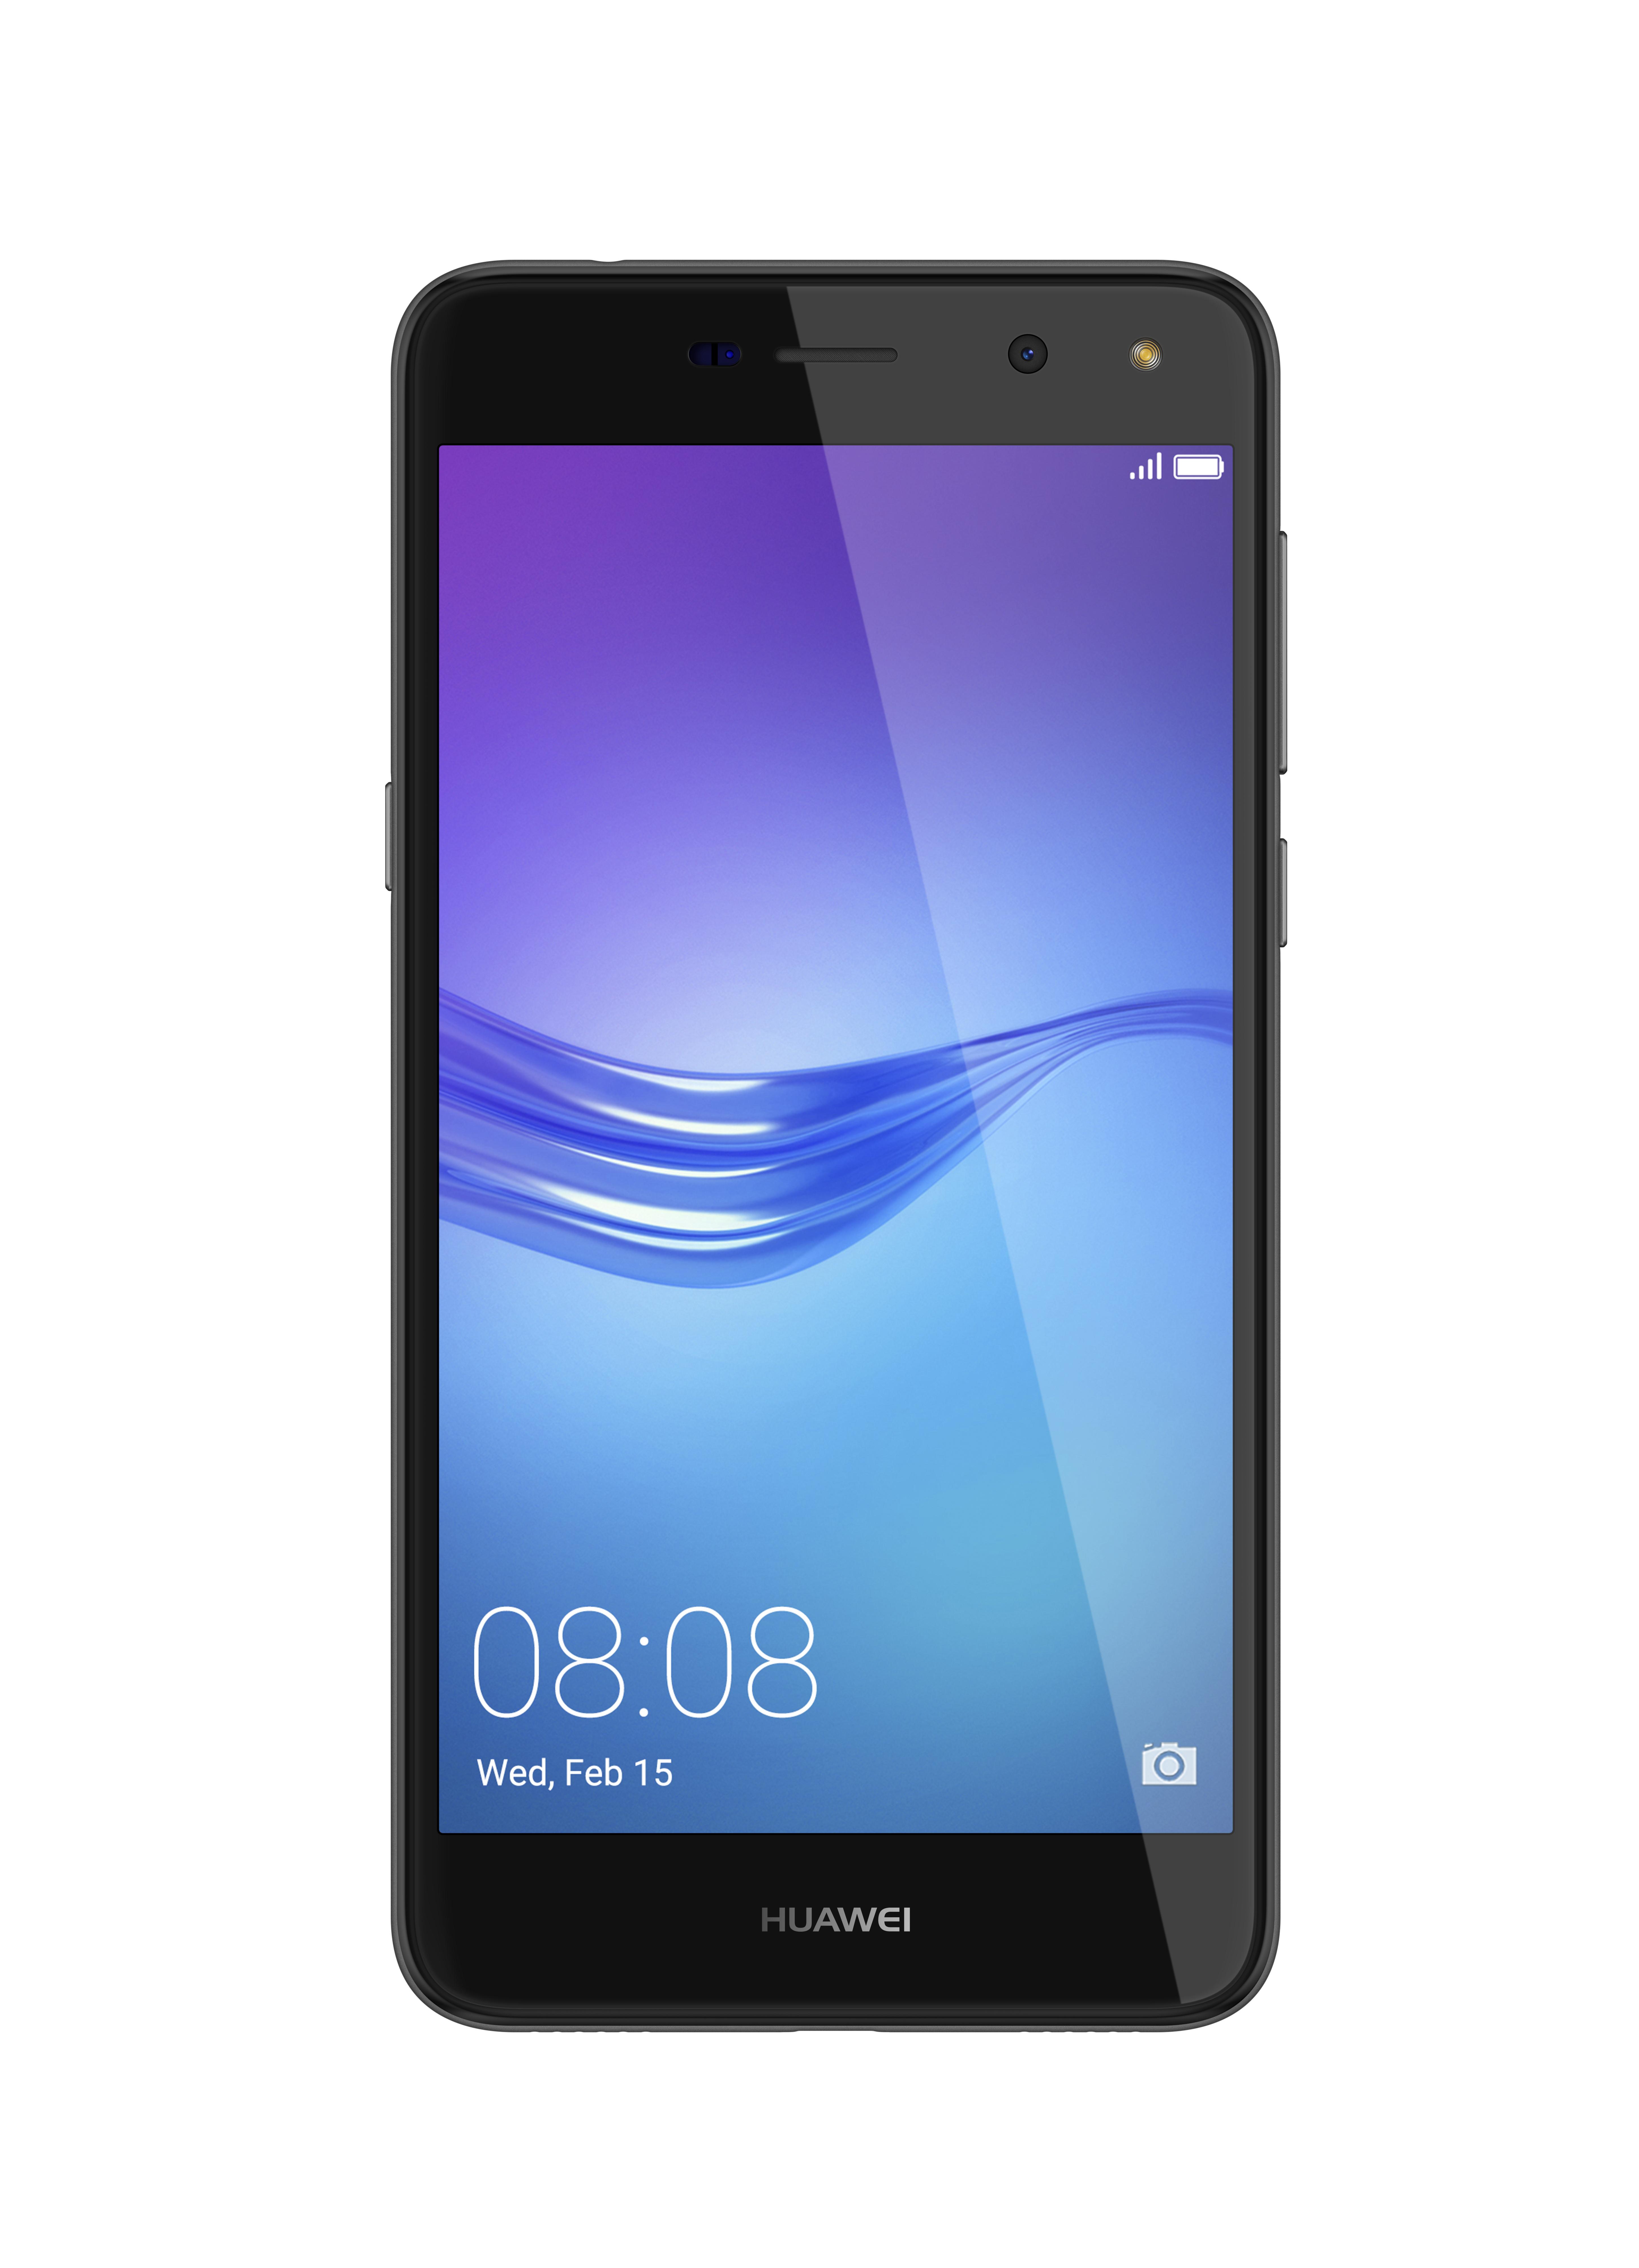 Huawei Y5 2017, Grey51050NFFСмартфон Huawei Y5 2017 отлично подходит для тех, кому важно качество воспроизводимого видео и комфорт в мобильных играх. Он снабжён 5-дюймовым экраном, на базе IPS-матрицы. Эта технология делает изображение очень реалистичным за счёт расширенной цветовой гаммы и большой контрастности под каким бы углом вы ни смотрели на дисплей. Мощный процессор и большой объём оперативной памяти обеспечивают быстродействие системы даже в режиме многозадачности. Передатчик 4G позволяет получать доступ к интернету в деловых поездках и путешествиях.Основная 8 Мп камера с яркой вспышкой позволяет получать детализированные кадры даже при слабом освещении. Фронтальная камера на 5 Мп может использоваться как для видеосвязи, так и для создания качественных селфи. Устройство не требует подзарядки при активном использовании в течение всего дня. Оно снабжено аккумулятором с ёмкостью 3 000 мАч, а также поддерживает работу в режиме энергосбережения. Телефон сертифицирован EAC и имеет русифицированный интерфейс меню и Руководство пользователя.